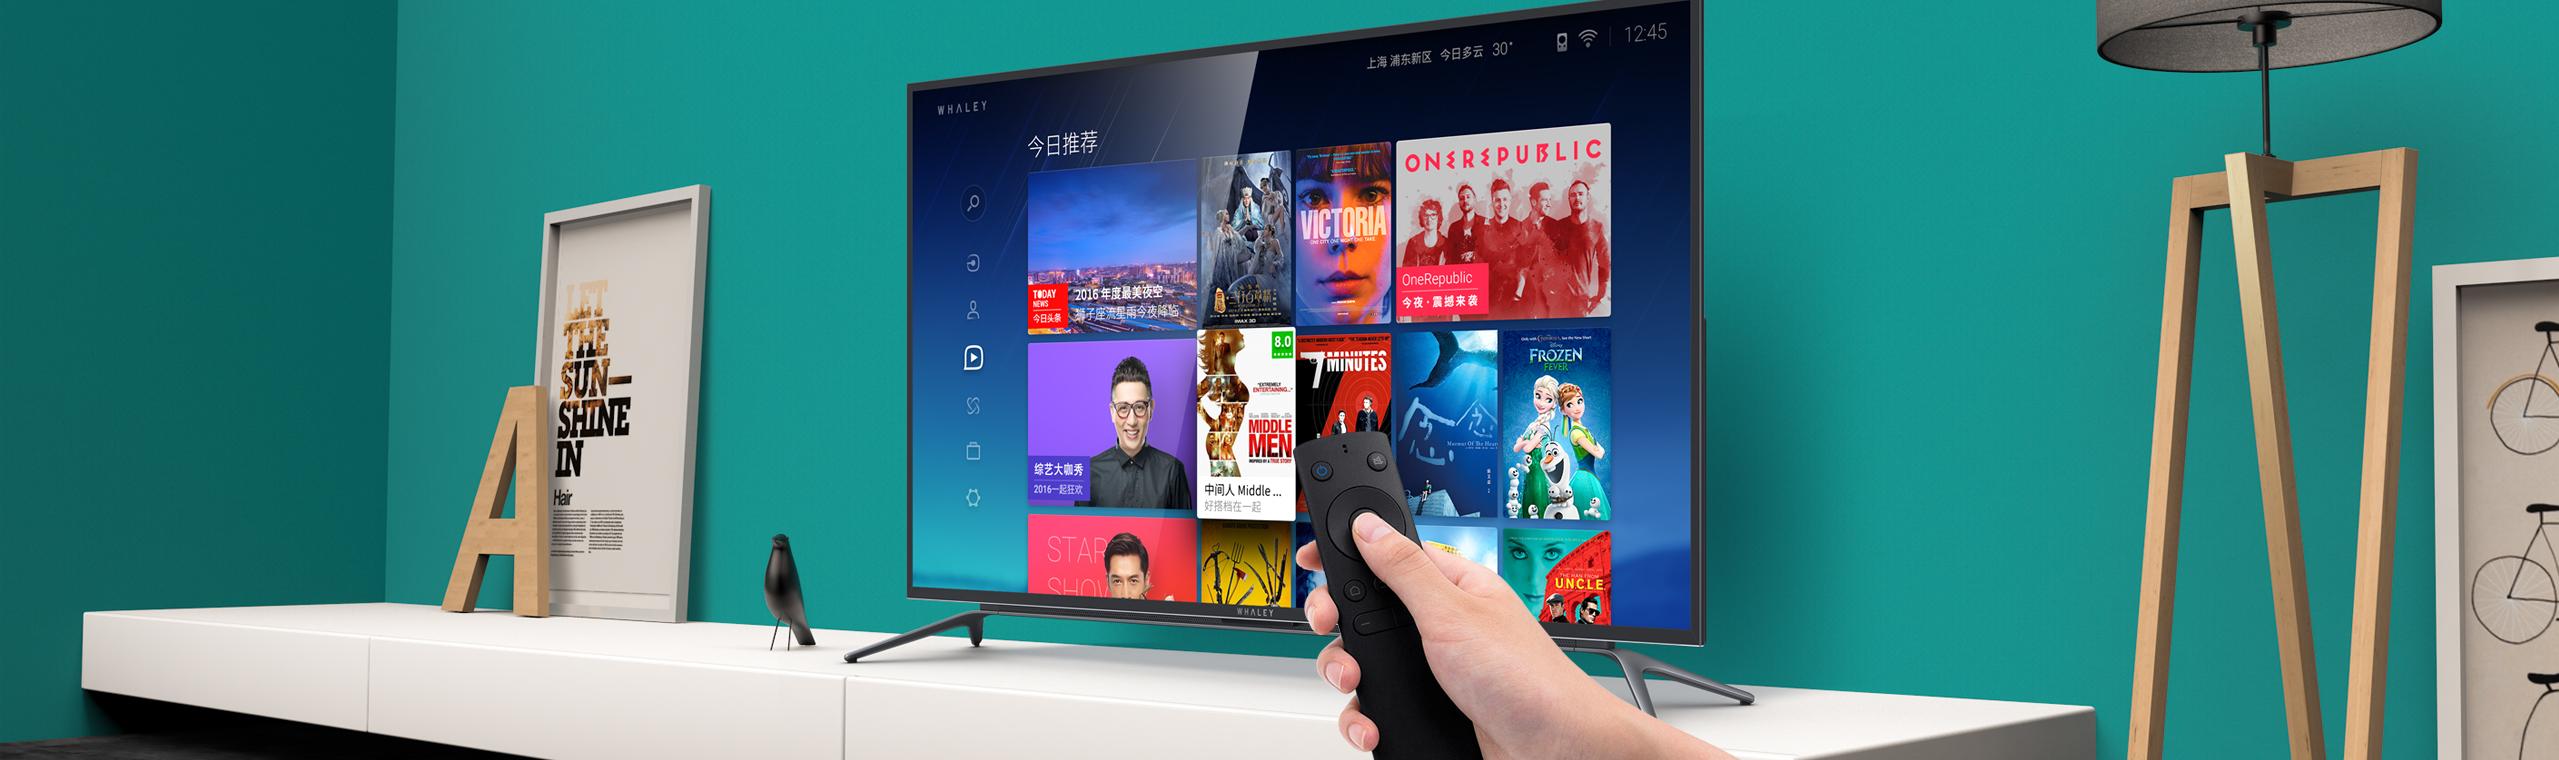 微鲸电视搭配超级语音遥控功能